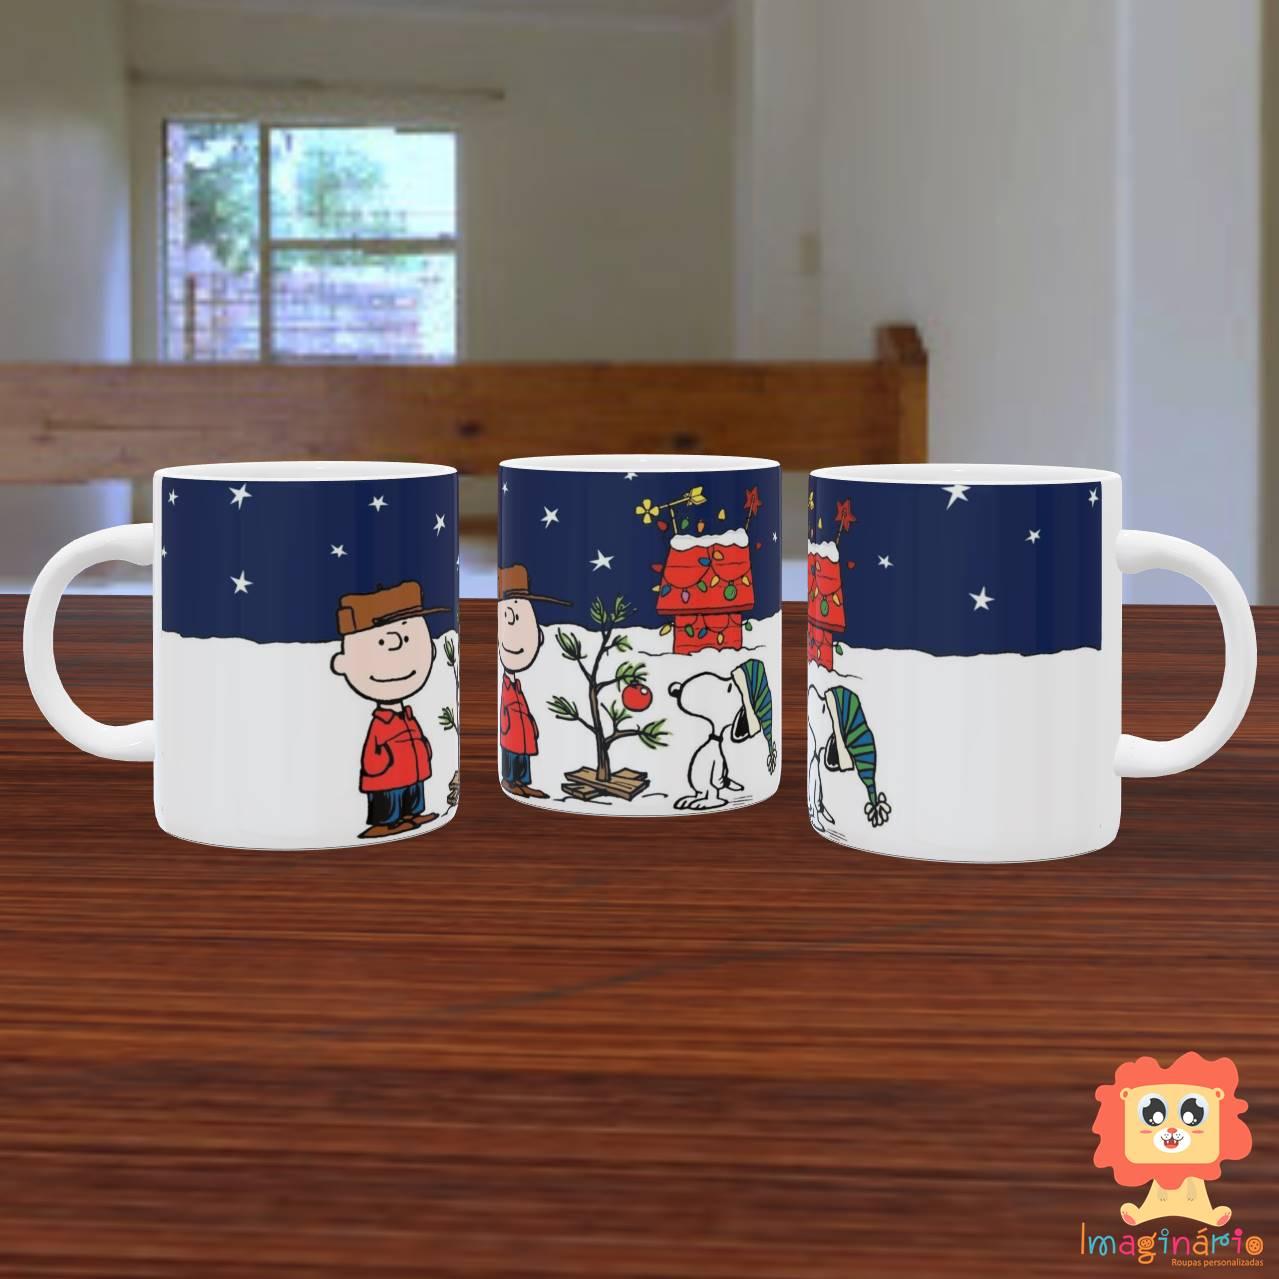 Caneca de Natal Snoopy e Charlie Brown